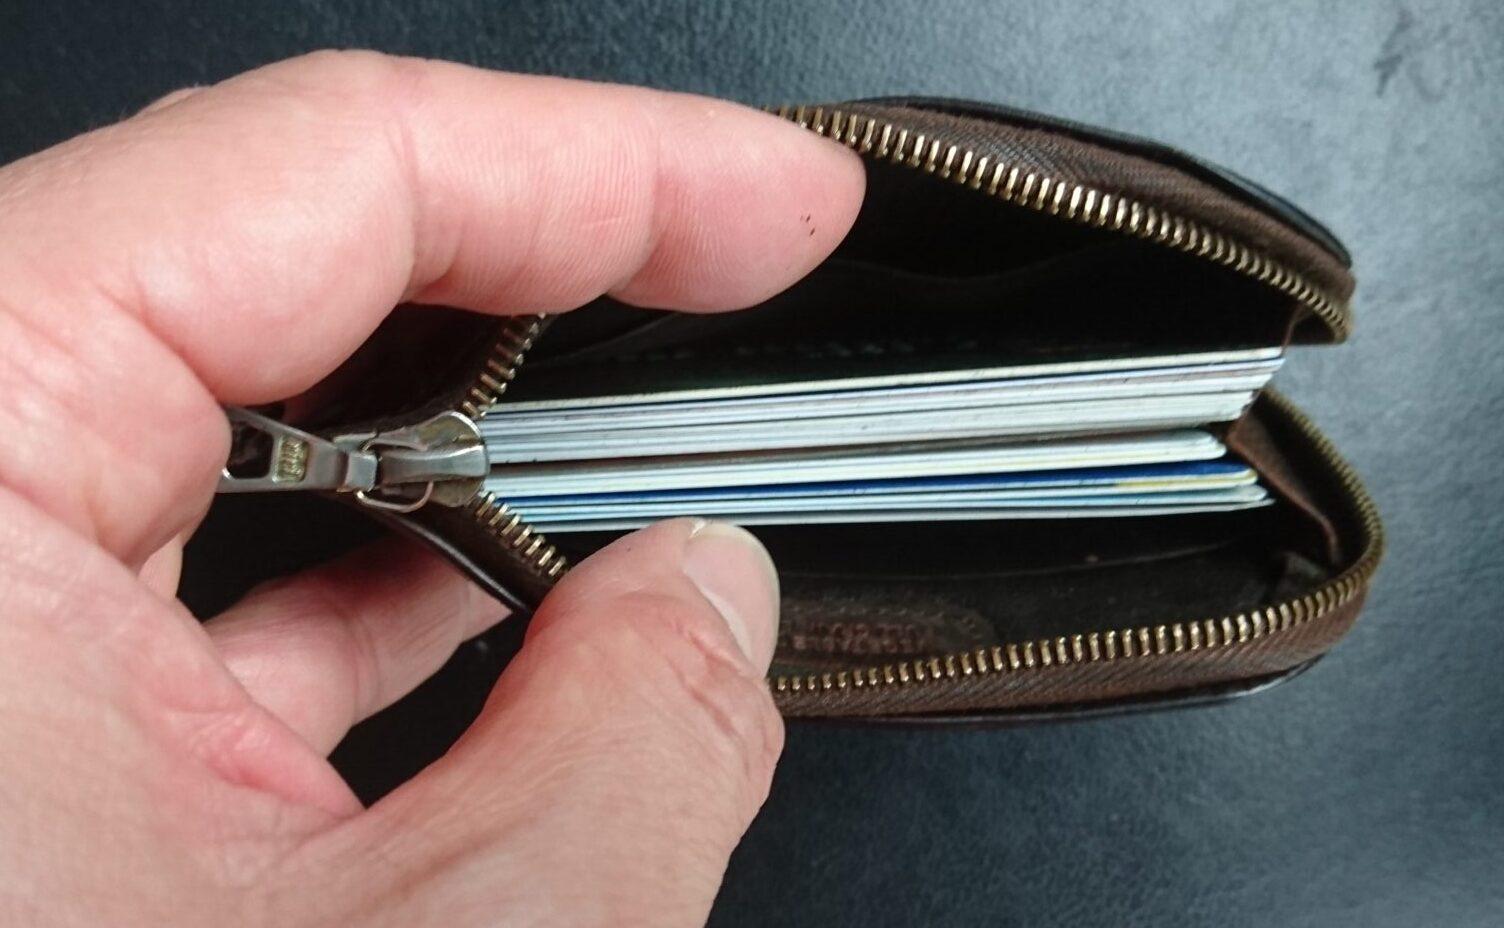 セトラー 財布 革小物 カードケース settler 経年変化